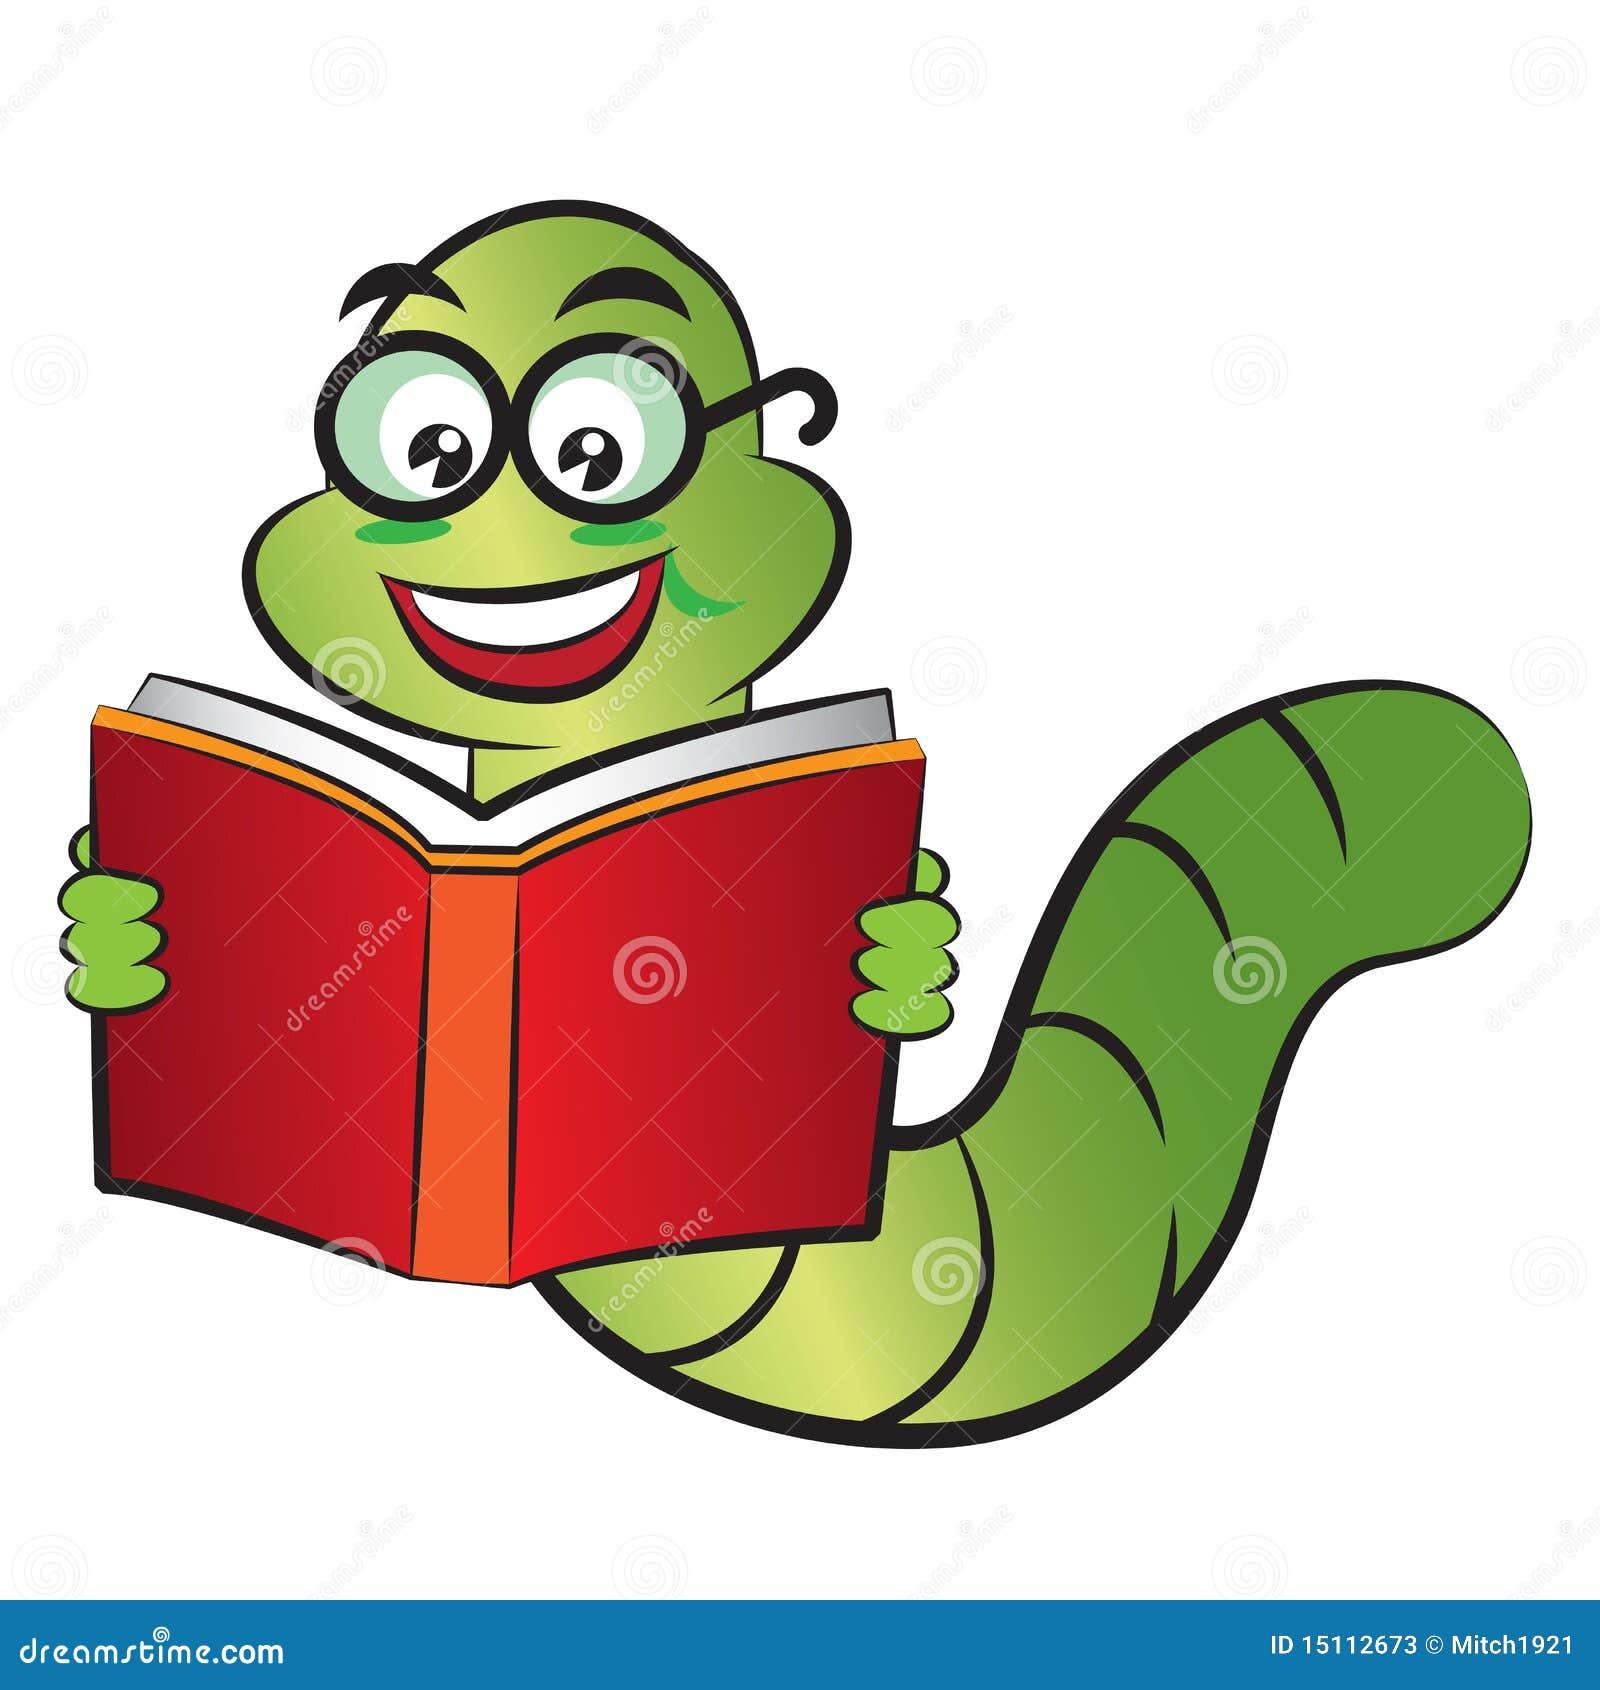 Bücherwurm clipart  Bücherwurm vektor abbildung. Illustration von auge, learn - 15112673